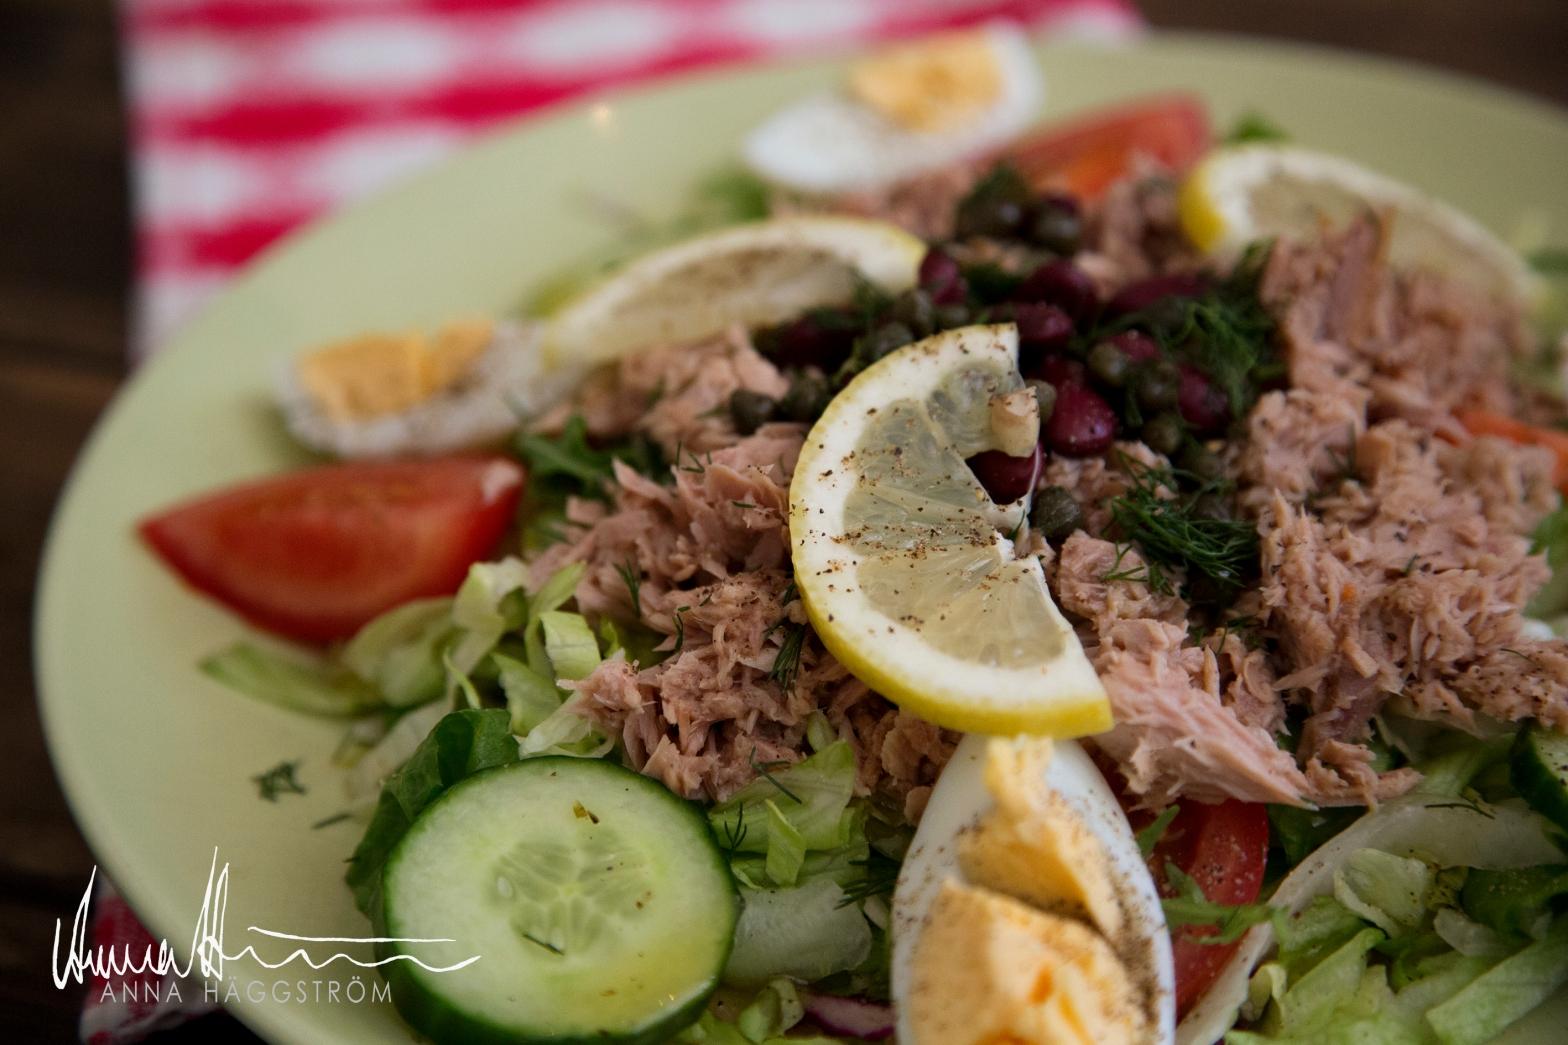 Tonfisksallad tuna sallad på grekiska lunch restaurangen Farbror Nikos på Södermalm